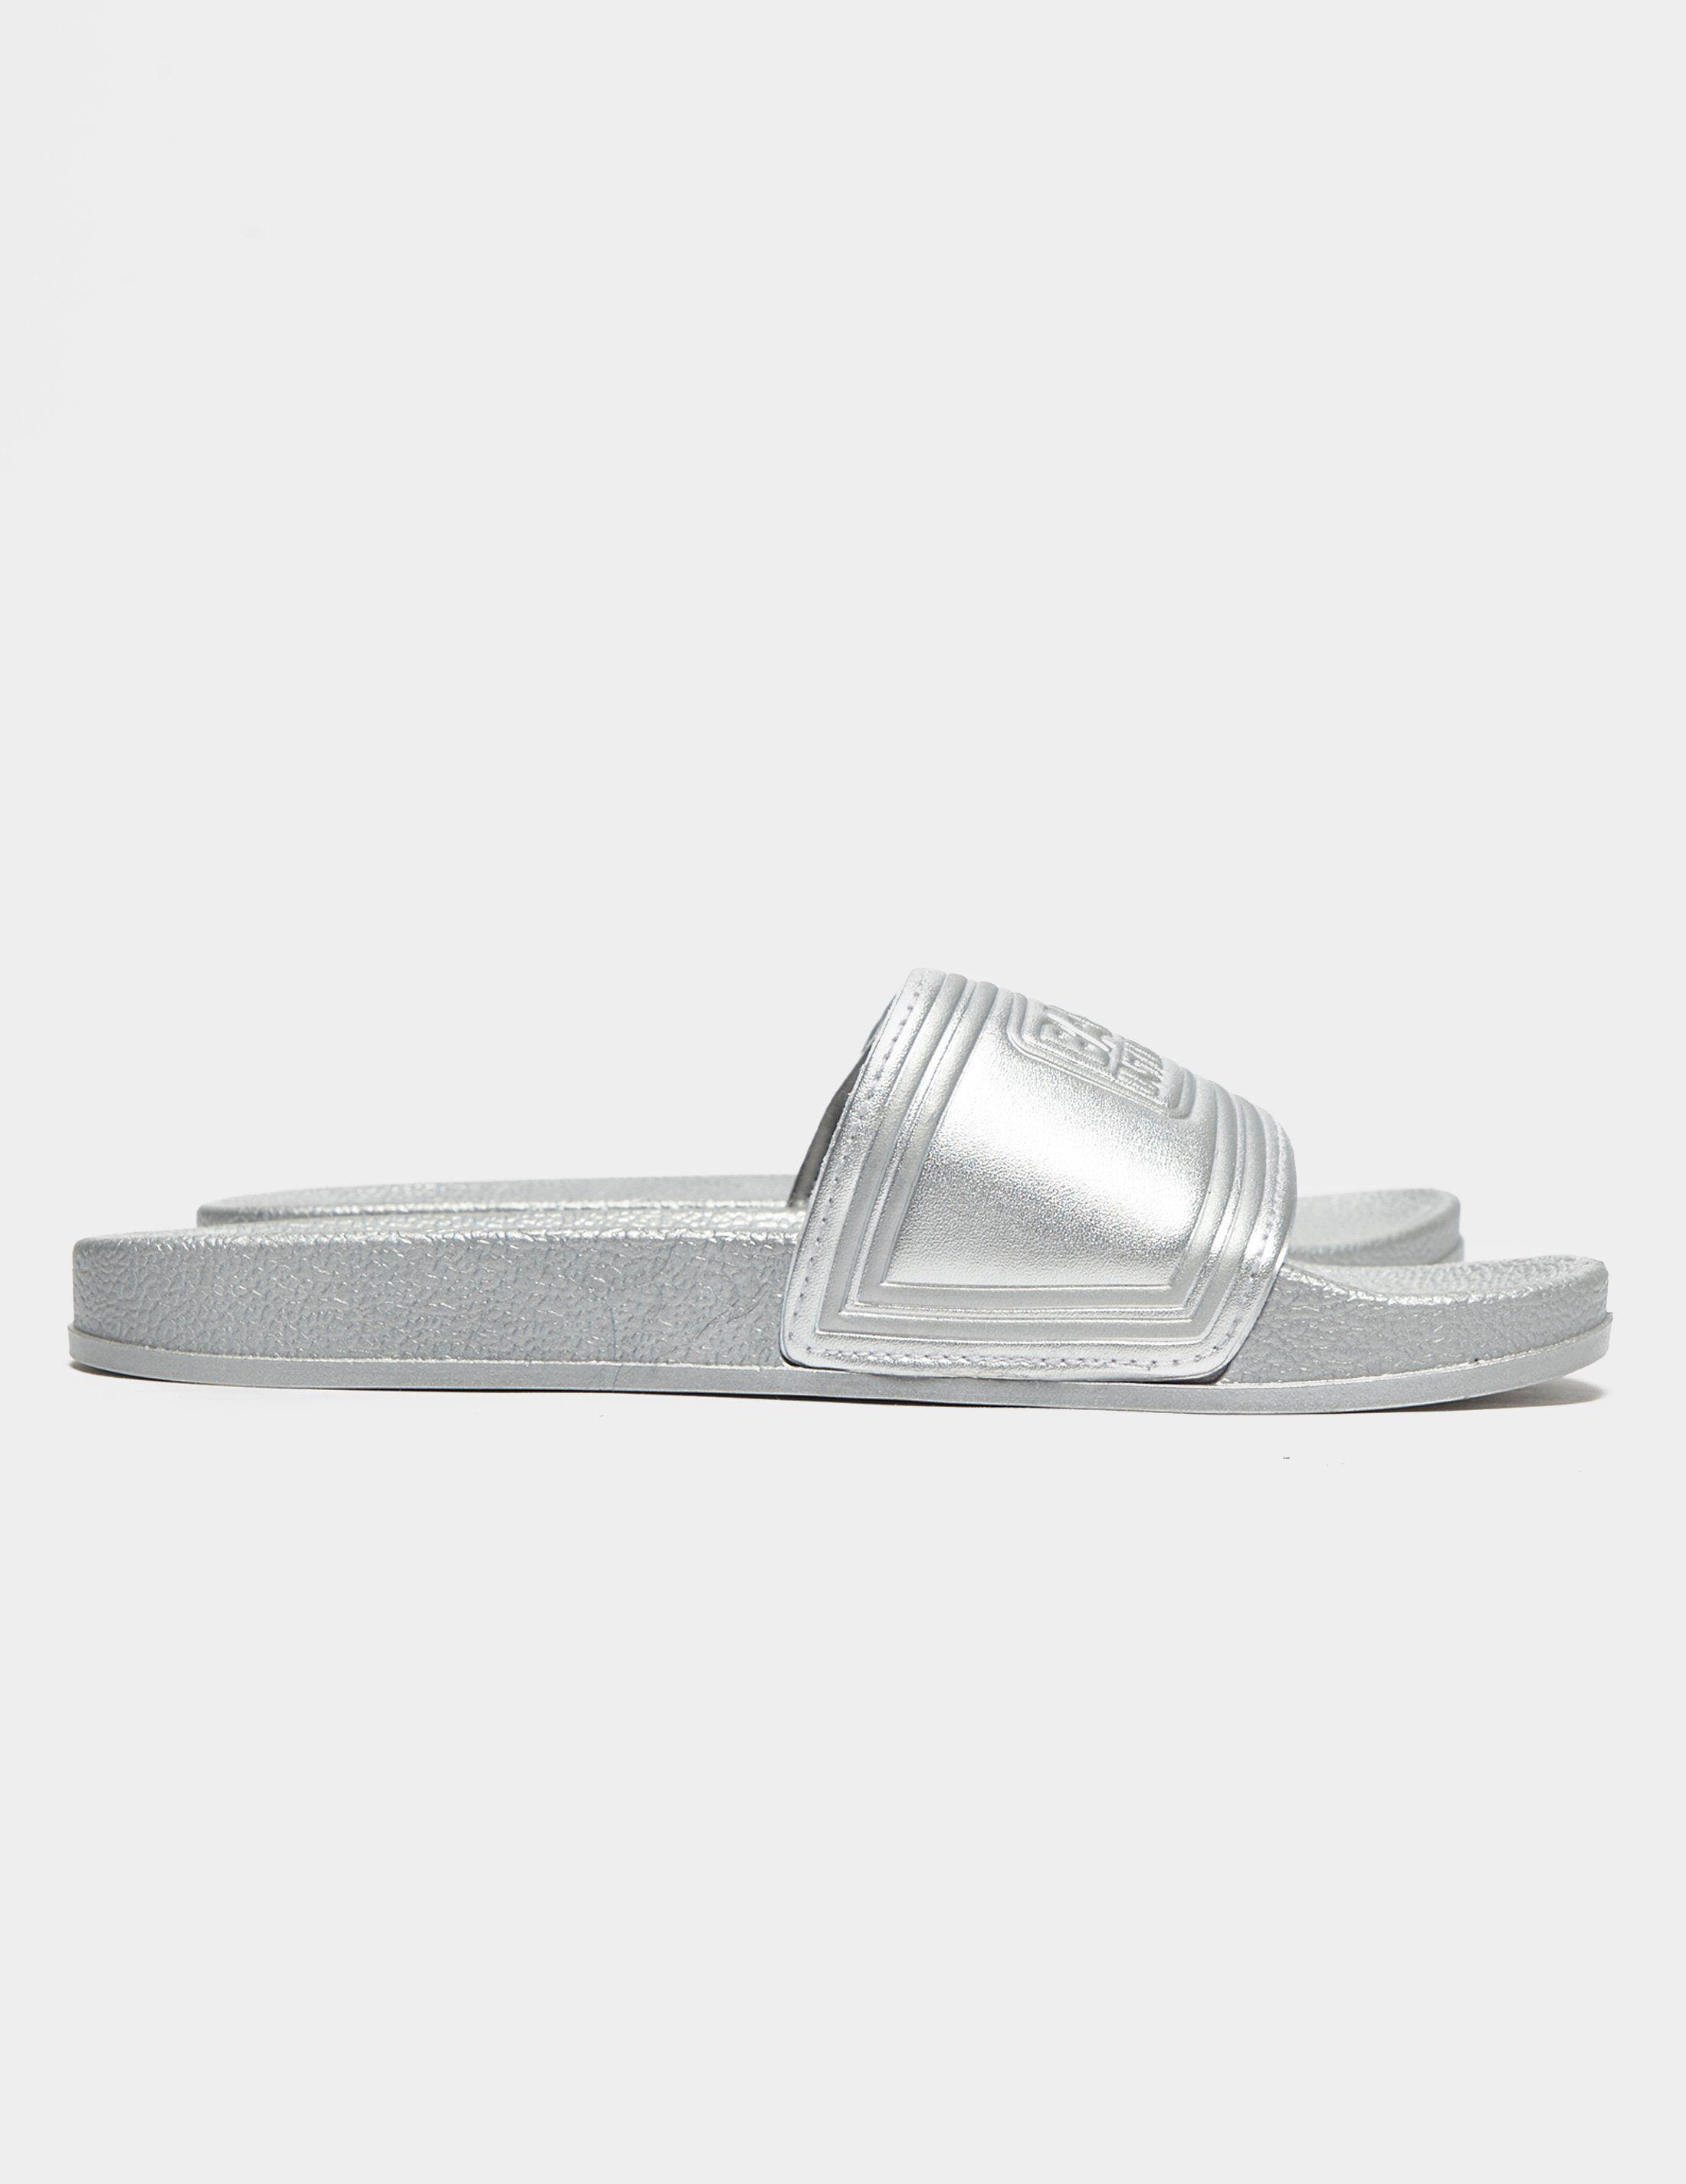 Barbour International Slides